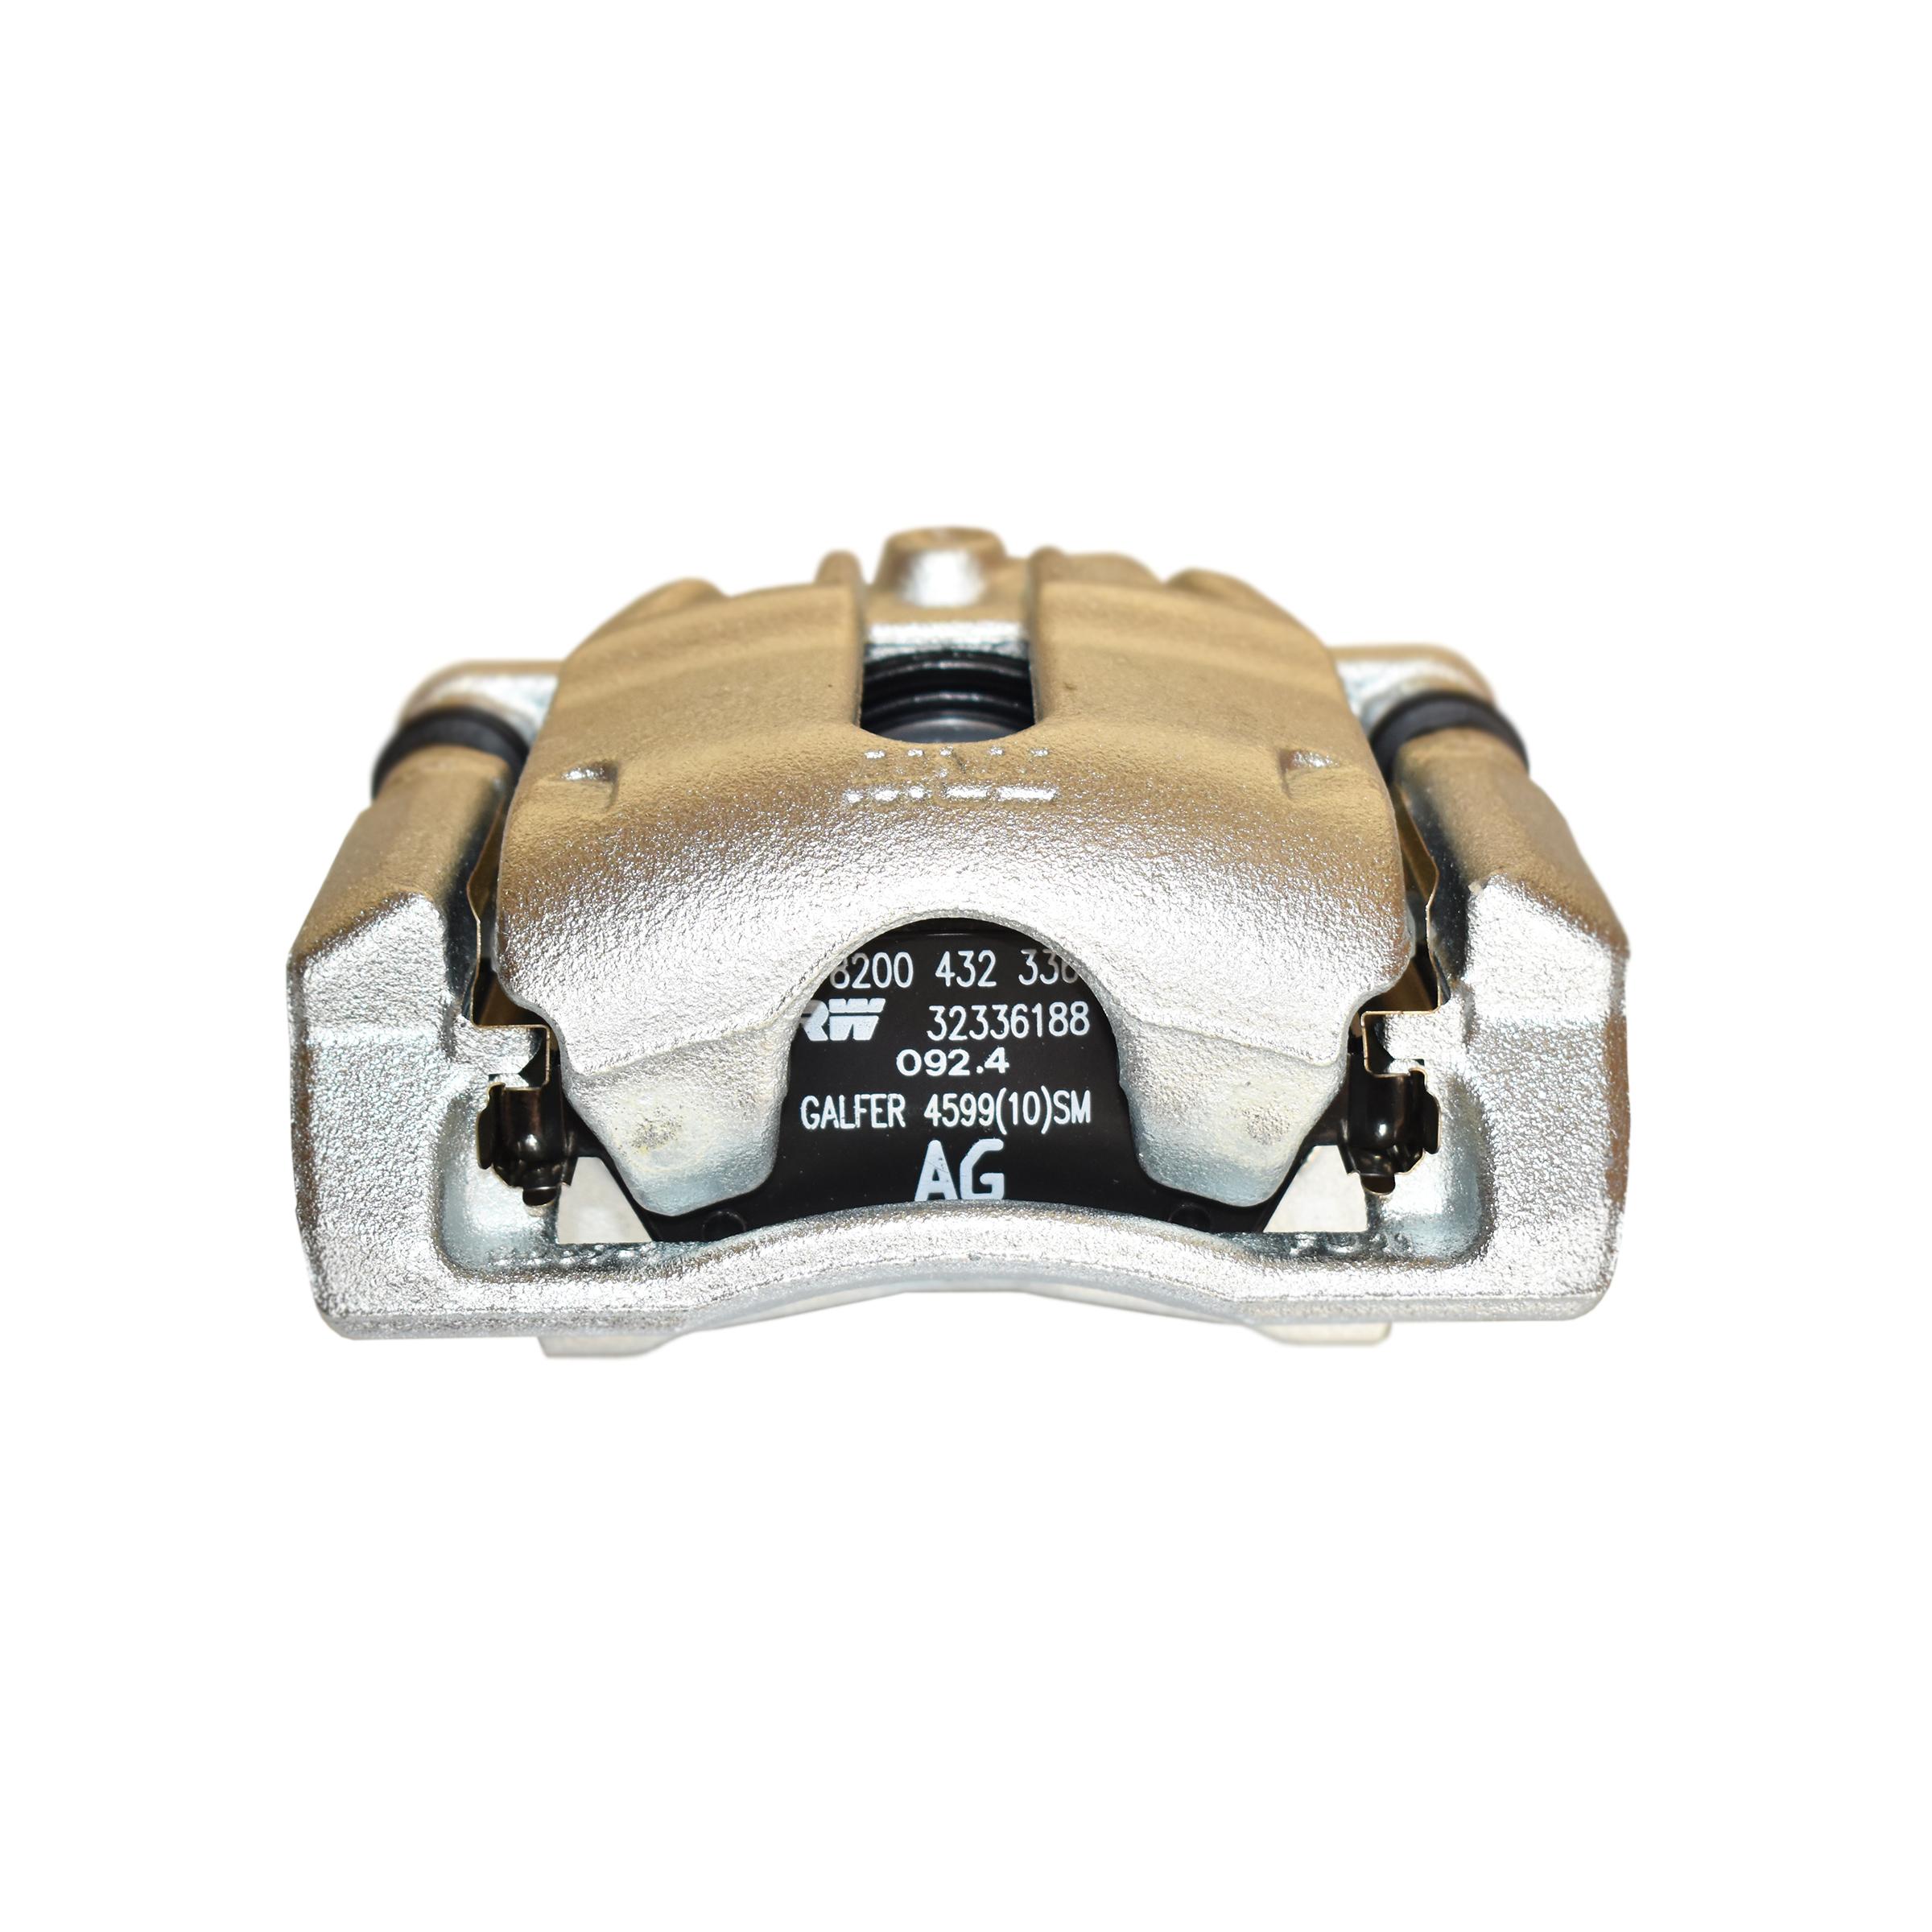 کالیپر ترمز جلو راست رنو مدل 6040442593 مناسب برای وانت L90